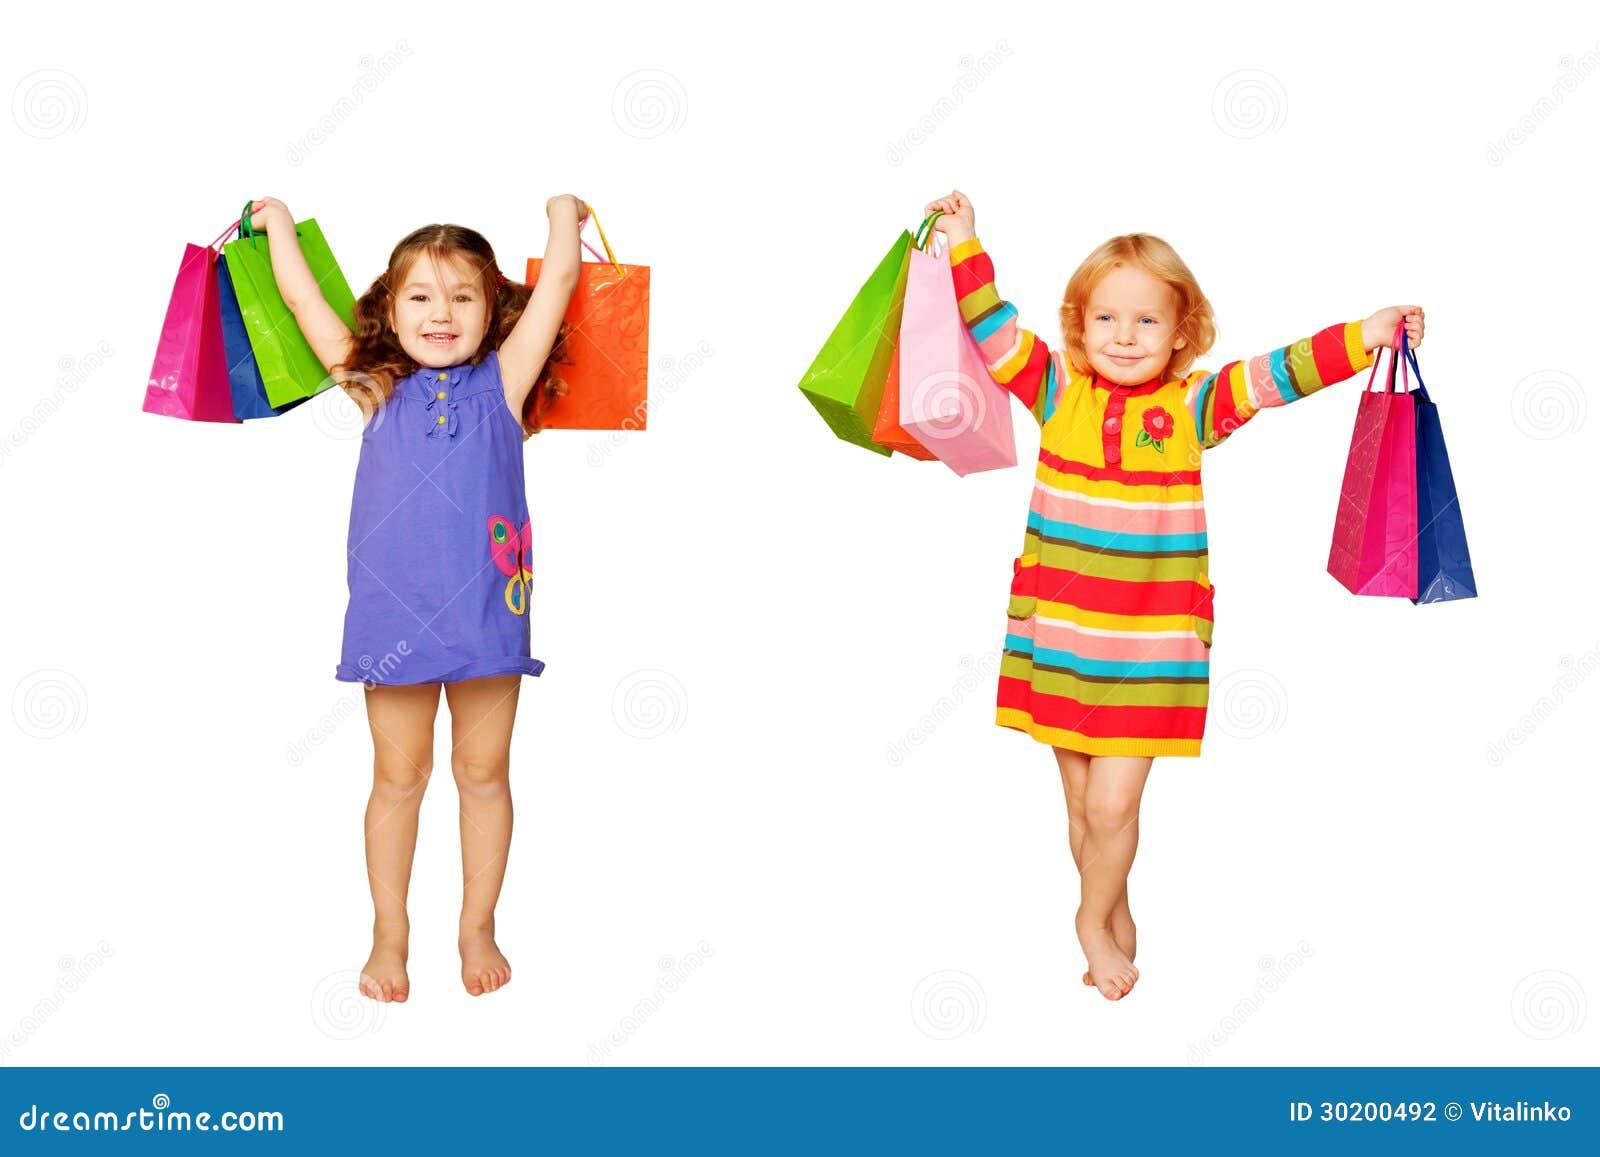 Achat d enfants. Deux petites filles avec leurs achats et cadeaux.